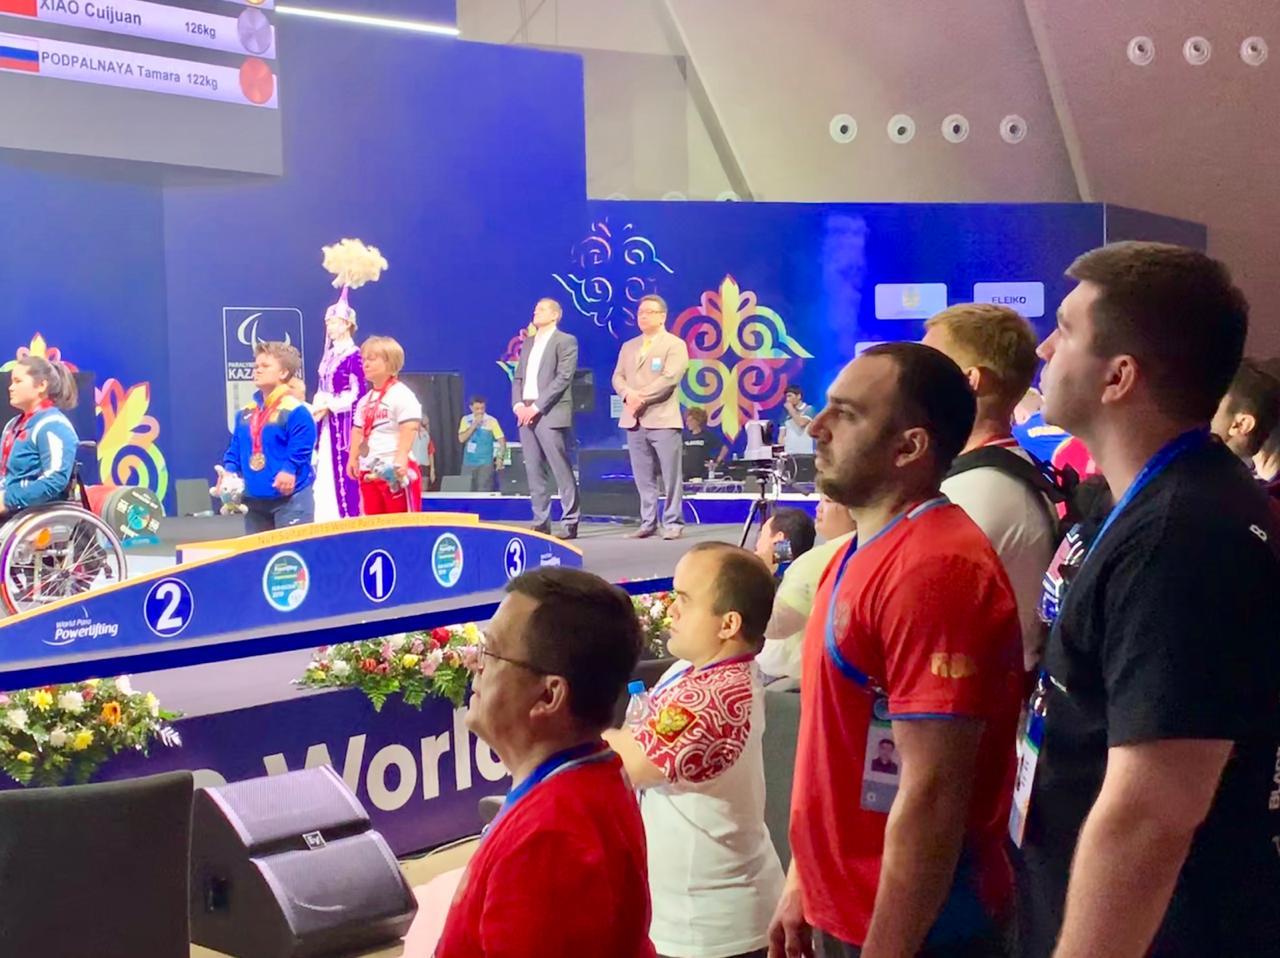 Тамара Подпальная завоевала бронзовую медаль в третий день чемпионата мира по пауэрлифтингу спорта лиц с ПОДА в Казахстане